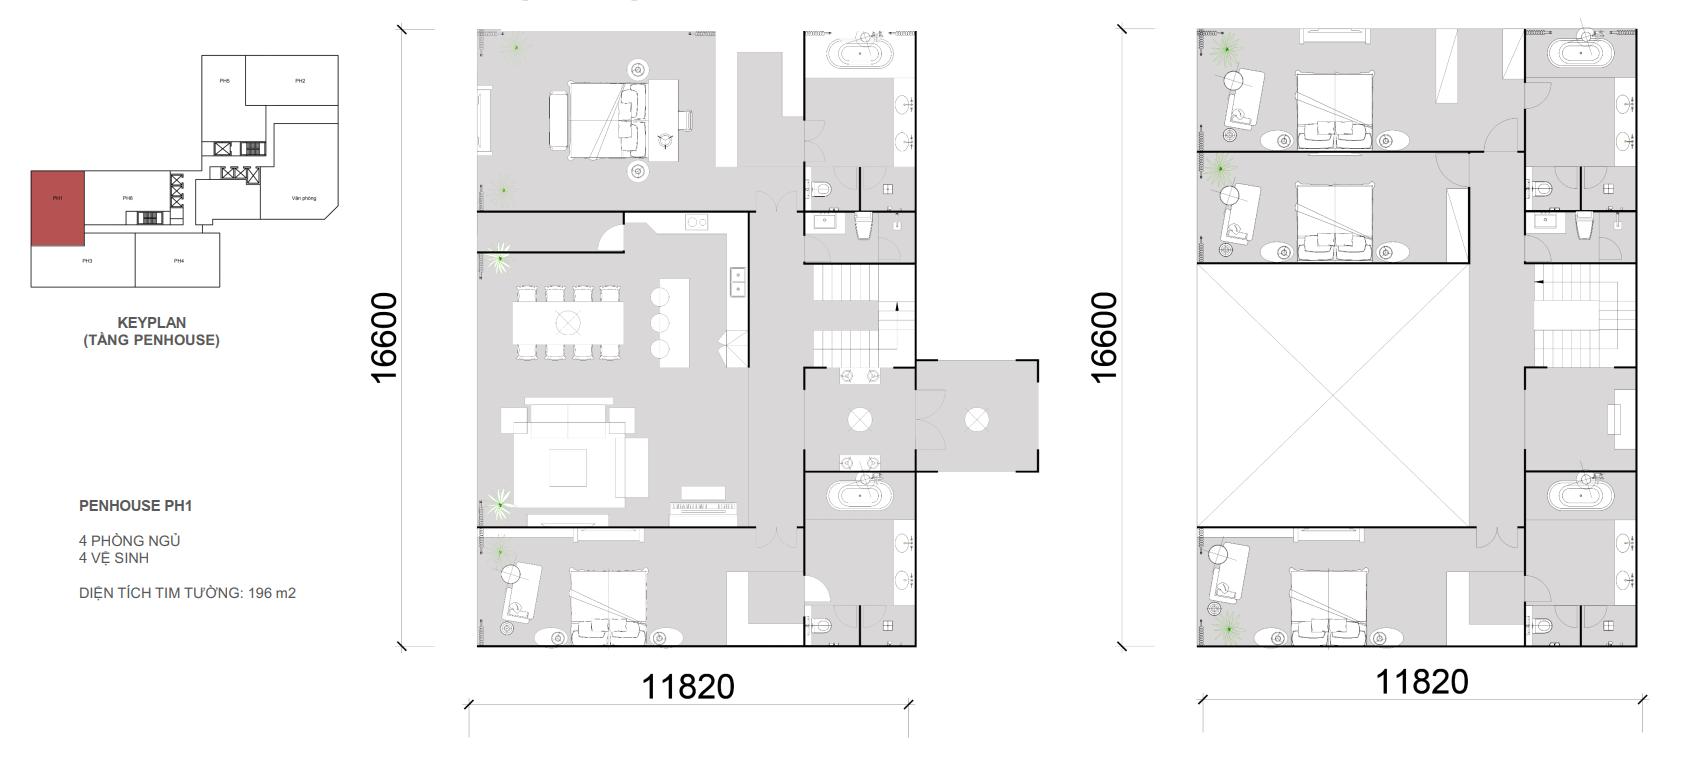 Thiết kế căn Penhouse 01 - 4 ngủ 4 wc - Diện tích 196 m2